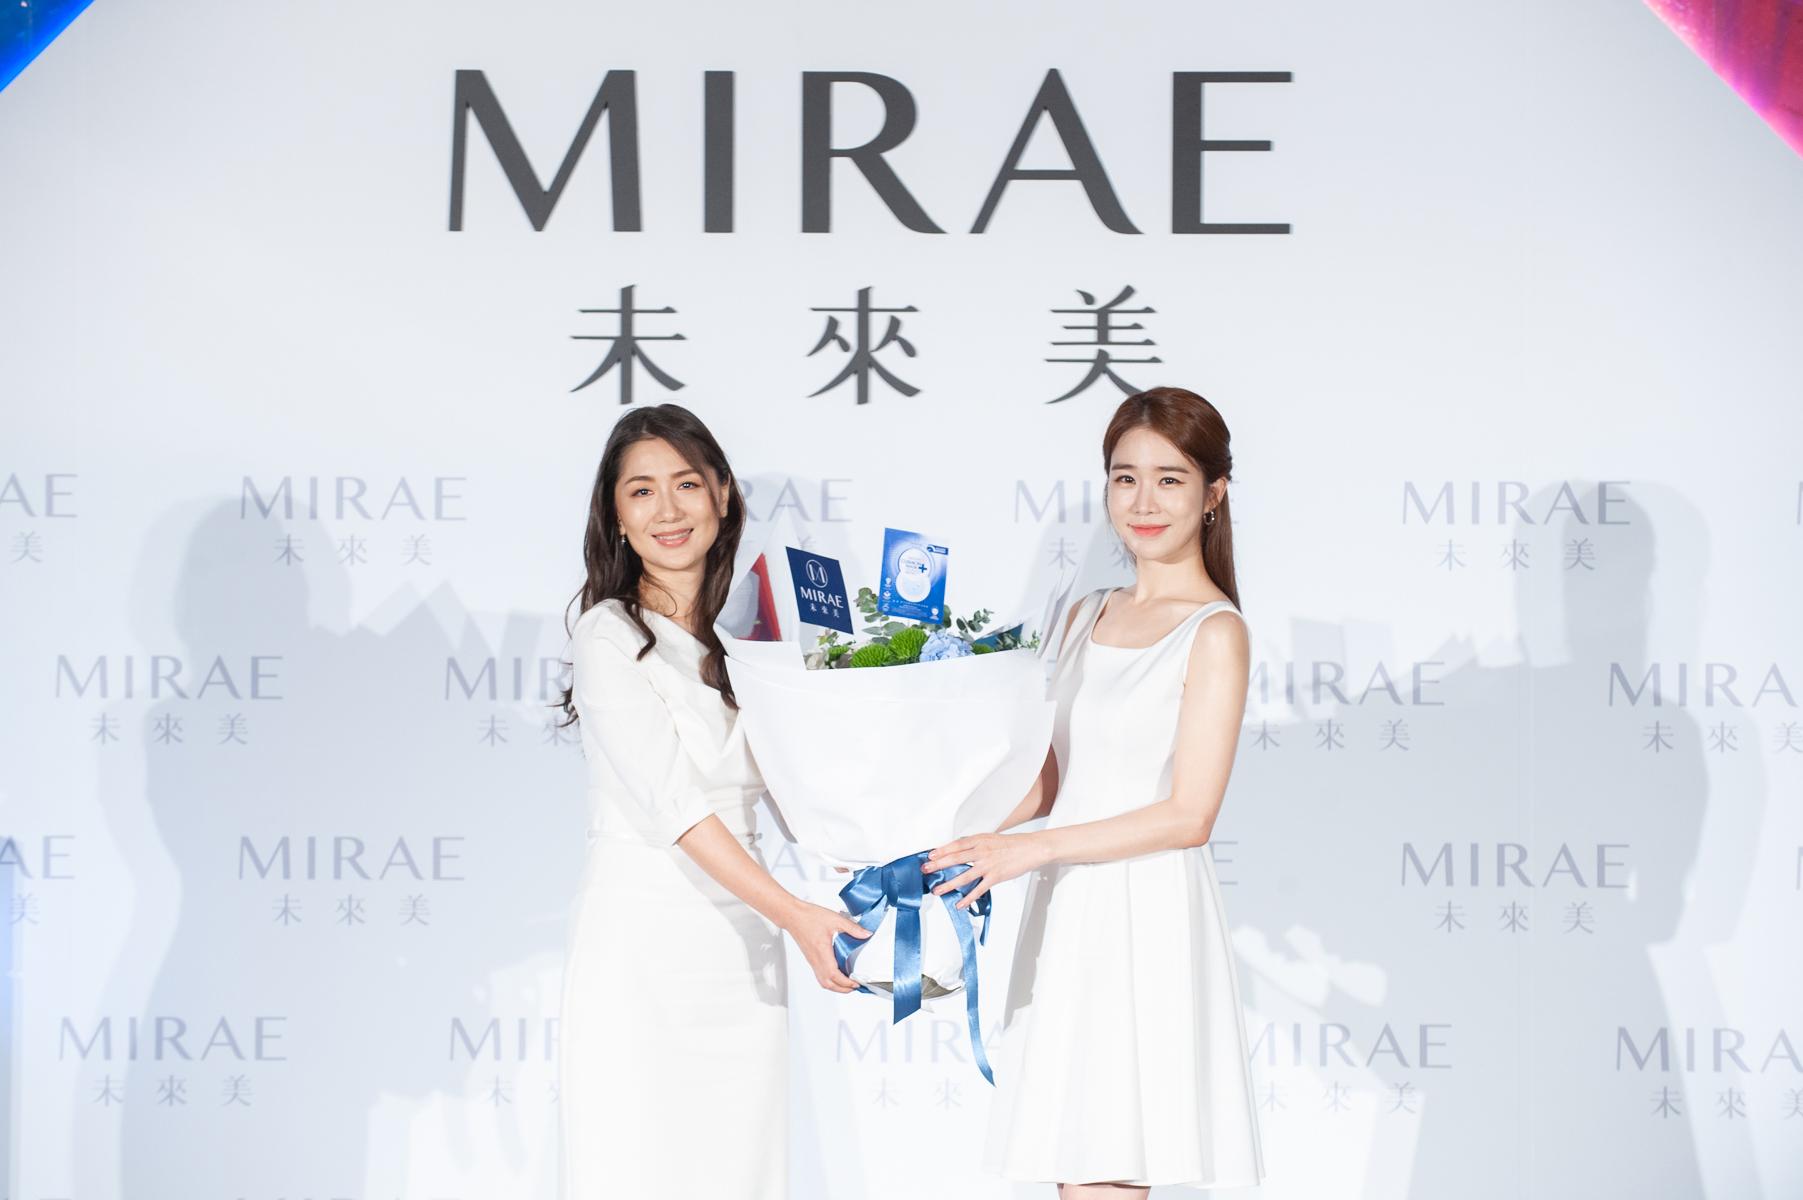 未來美董事長胡蕙郁代表獻花 歡迎全新代言人劉寅娜來台-2